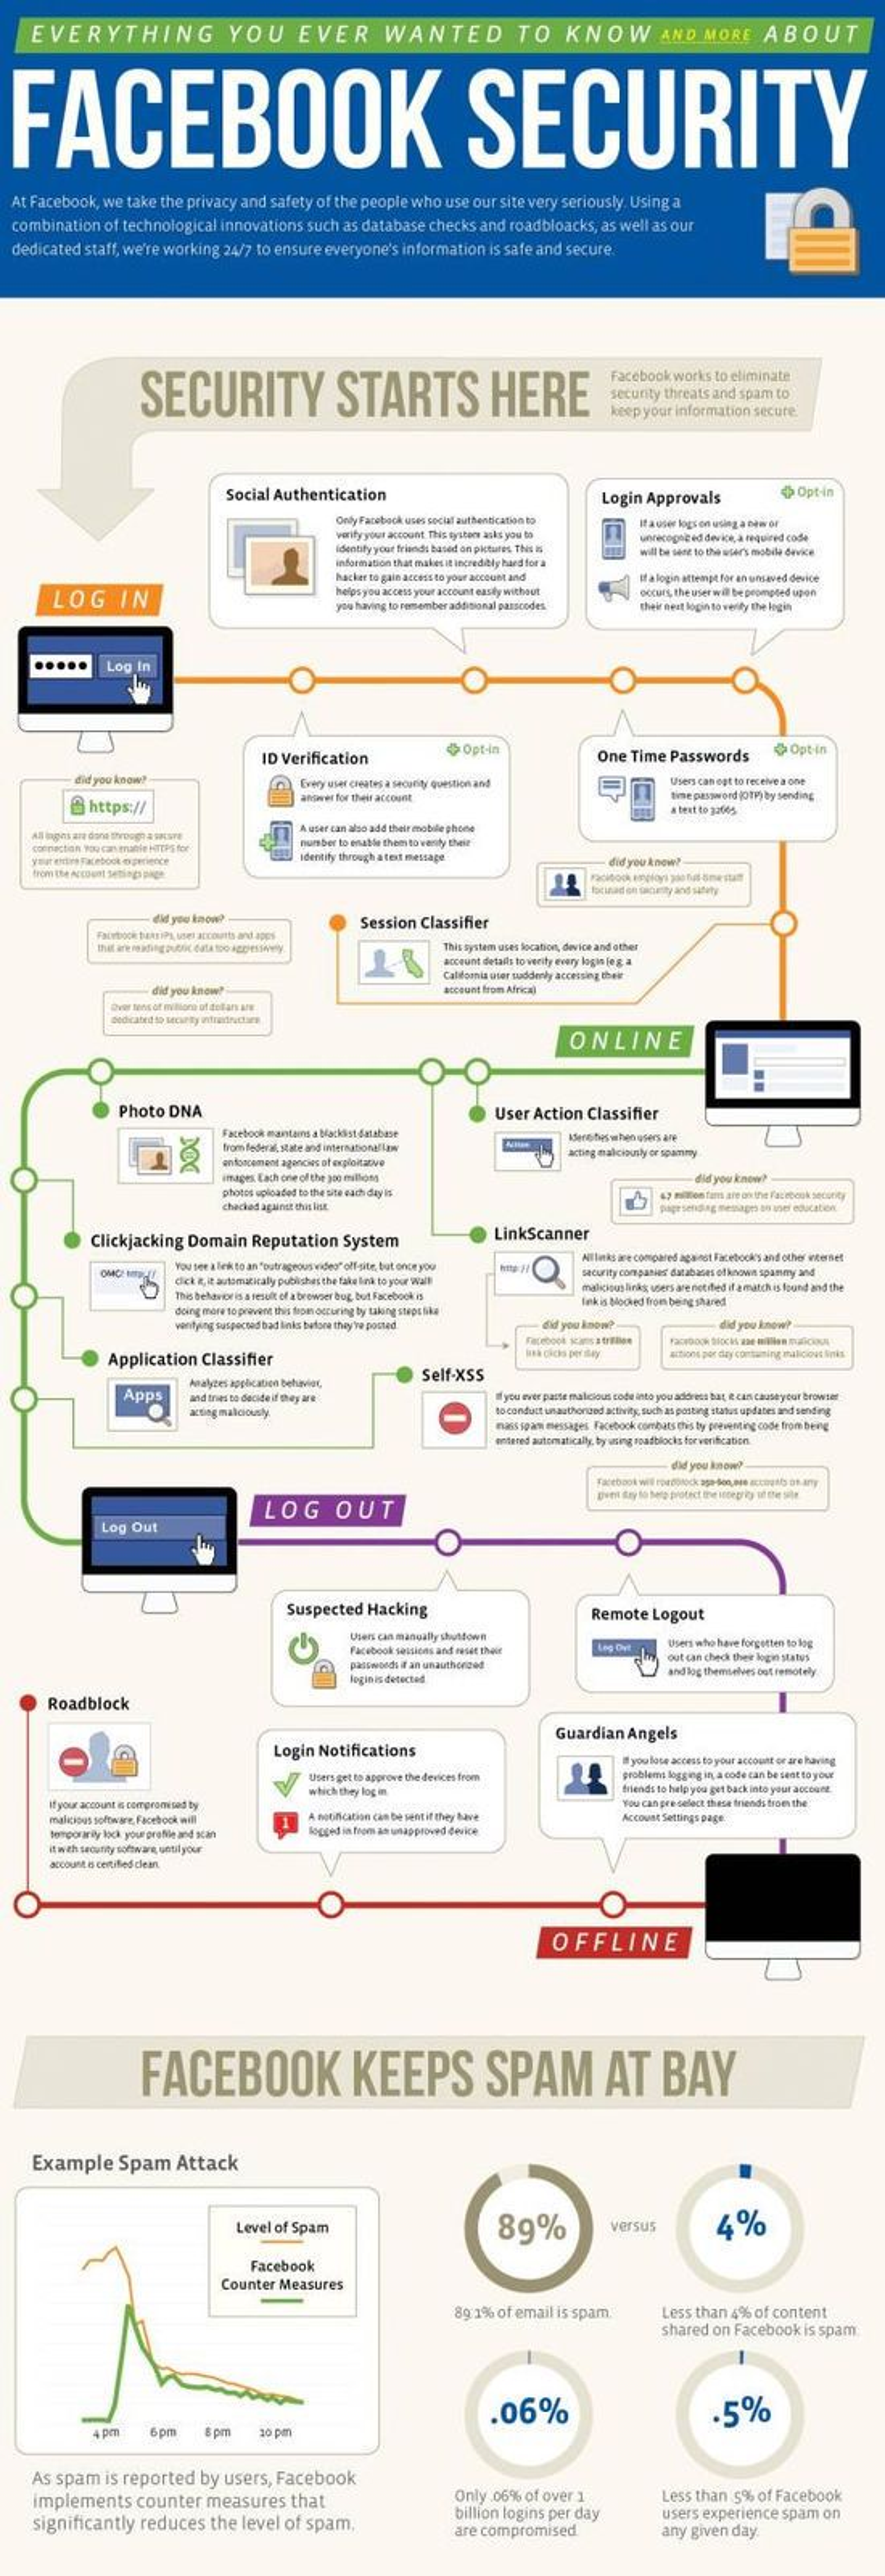 Oversikt over alle sikkerhetstiltakene Facebook har eller planlegger per utgangen av oktober 2011.